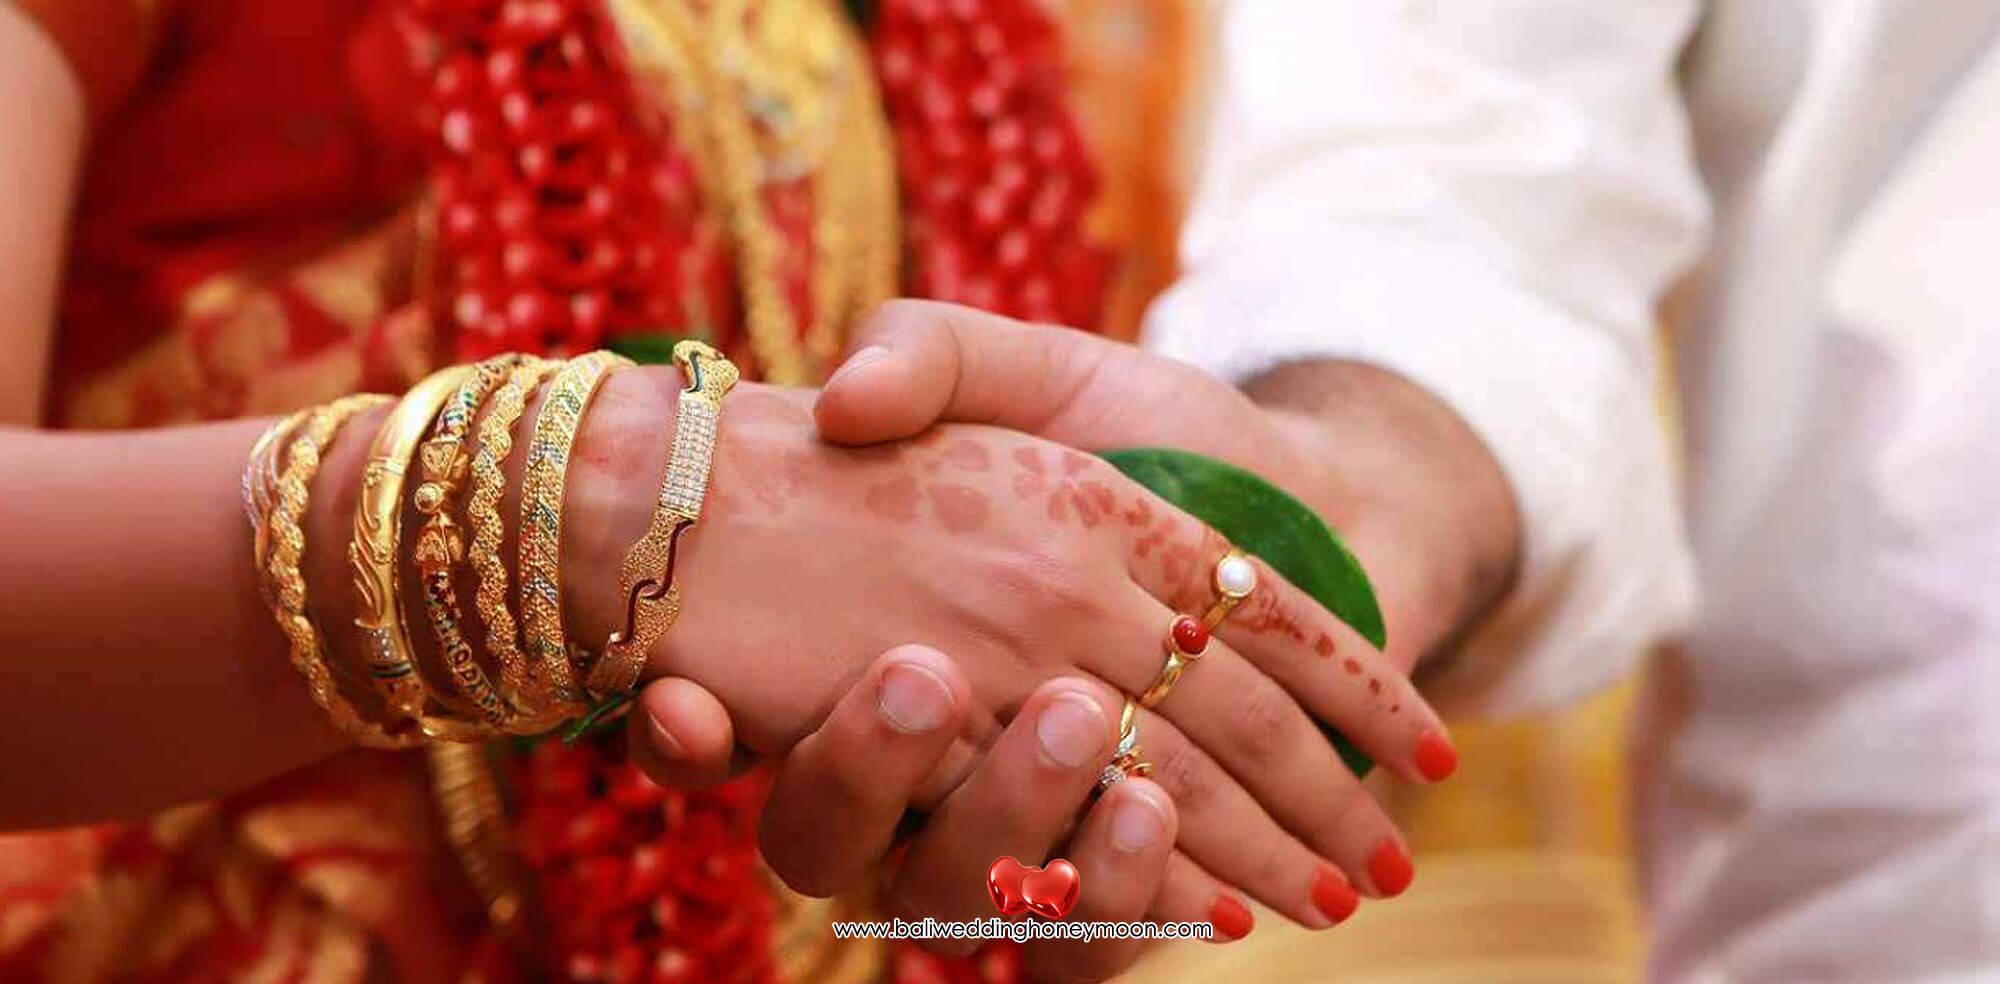 baliweddinghoneymoon-baliweddingplanner-baliweddingorganizer-indianwedding2